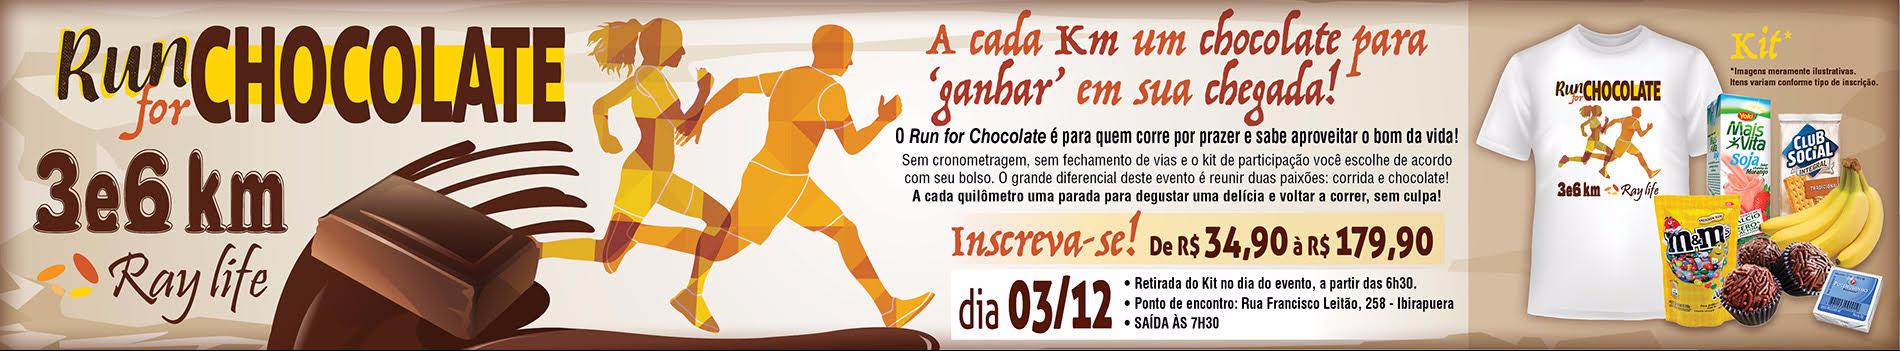 RUN FOR CHOCOLATE 3KM E 6KM - Imagem de topo